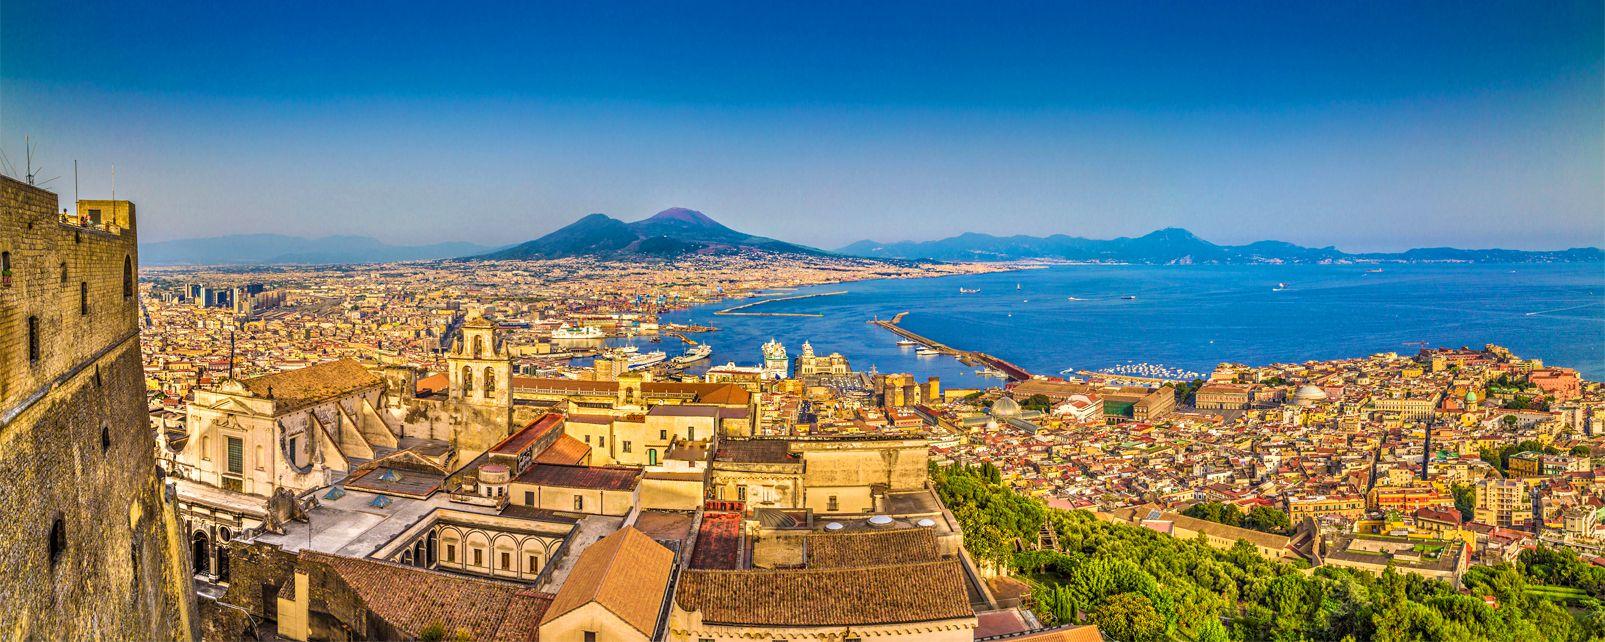 La bahía de Nápoles , La incomparable bahía de Nápoles , Italia